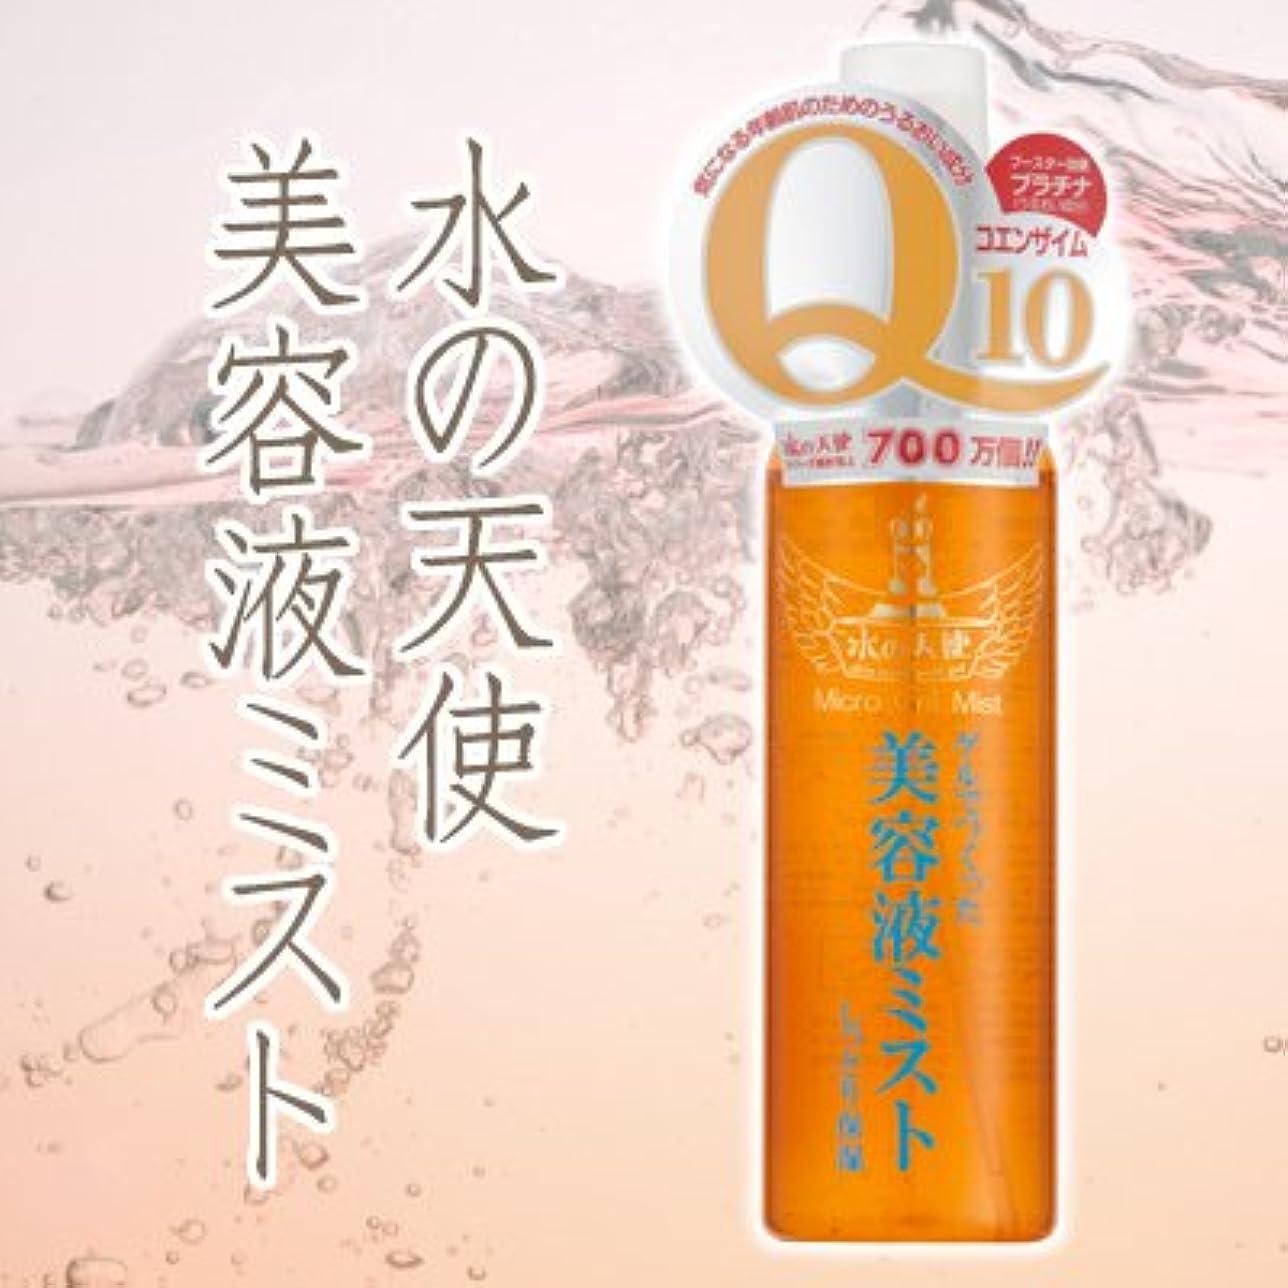 医療のうなるなんでも水の天使美容液ミスト 120ml 3個セット ※あの「水の天使」シリーズから美容液ミストが新登場!